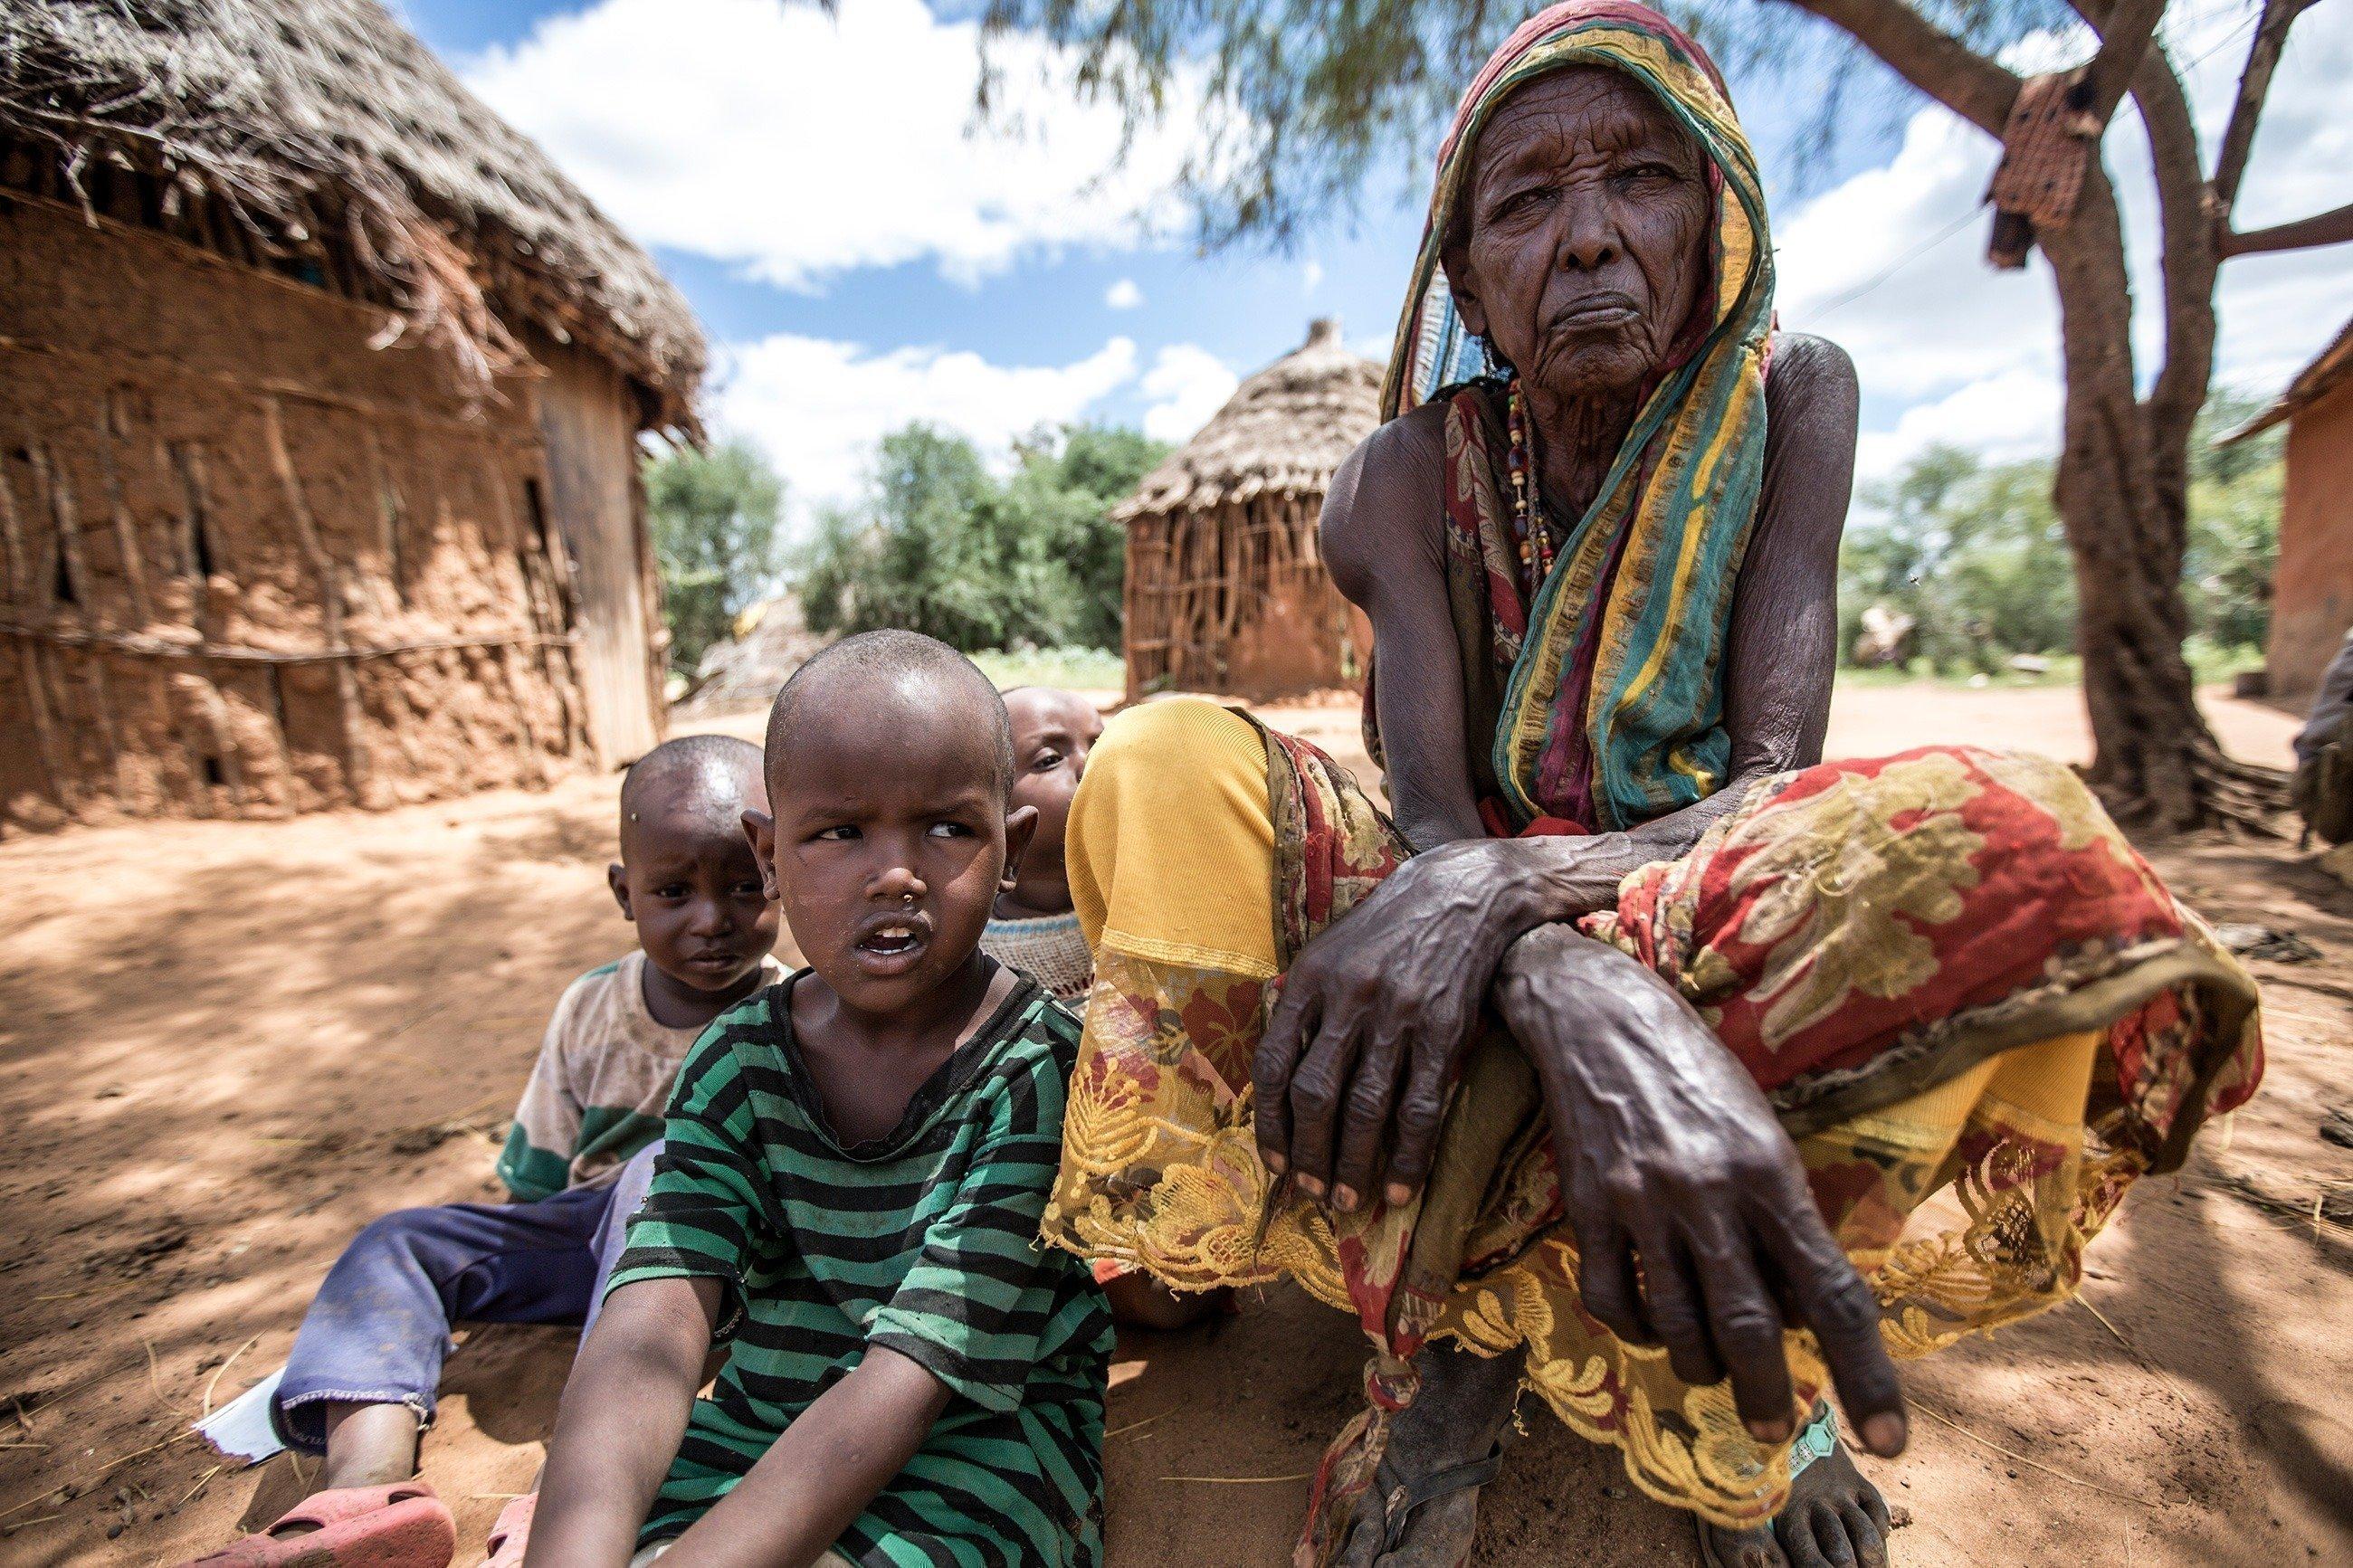 Eine alte Frau sitzt mit zwei Kleinkindern im Schatten eines Baumes.